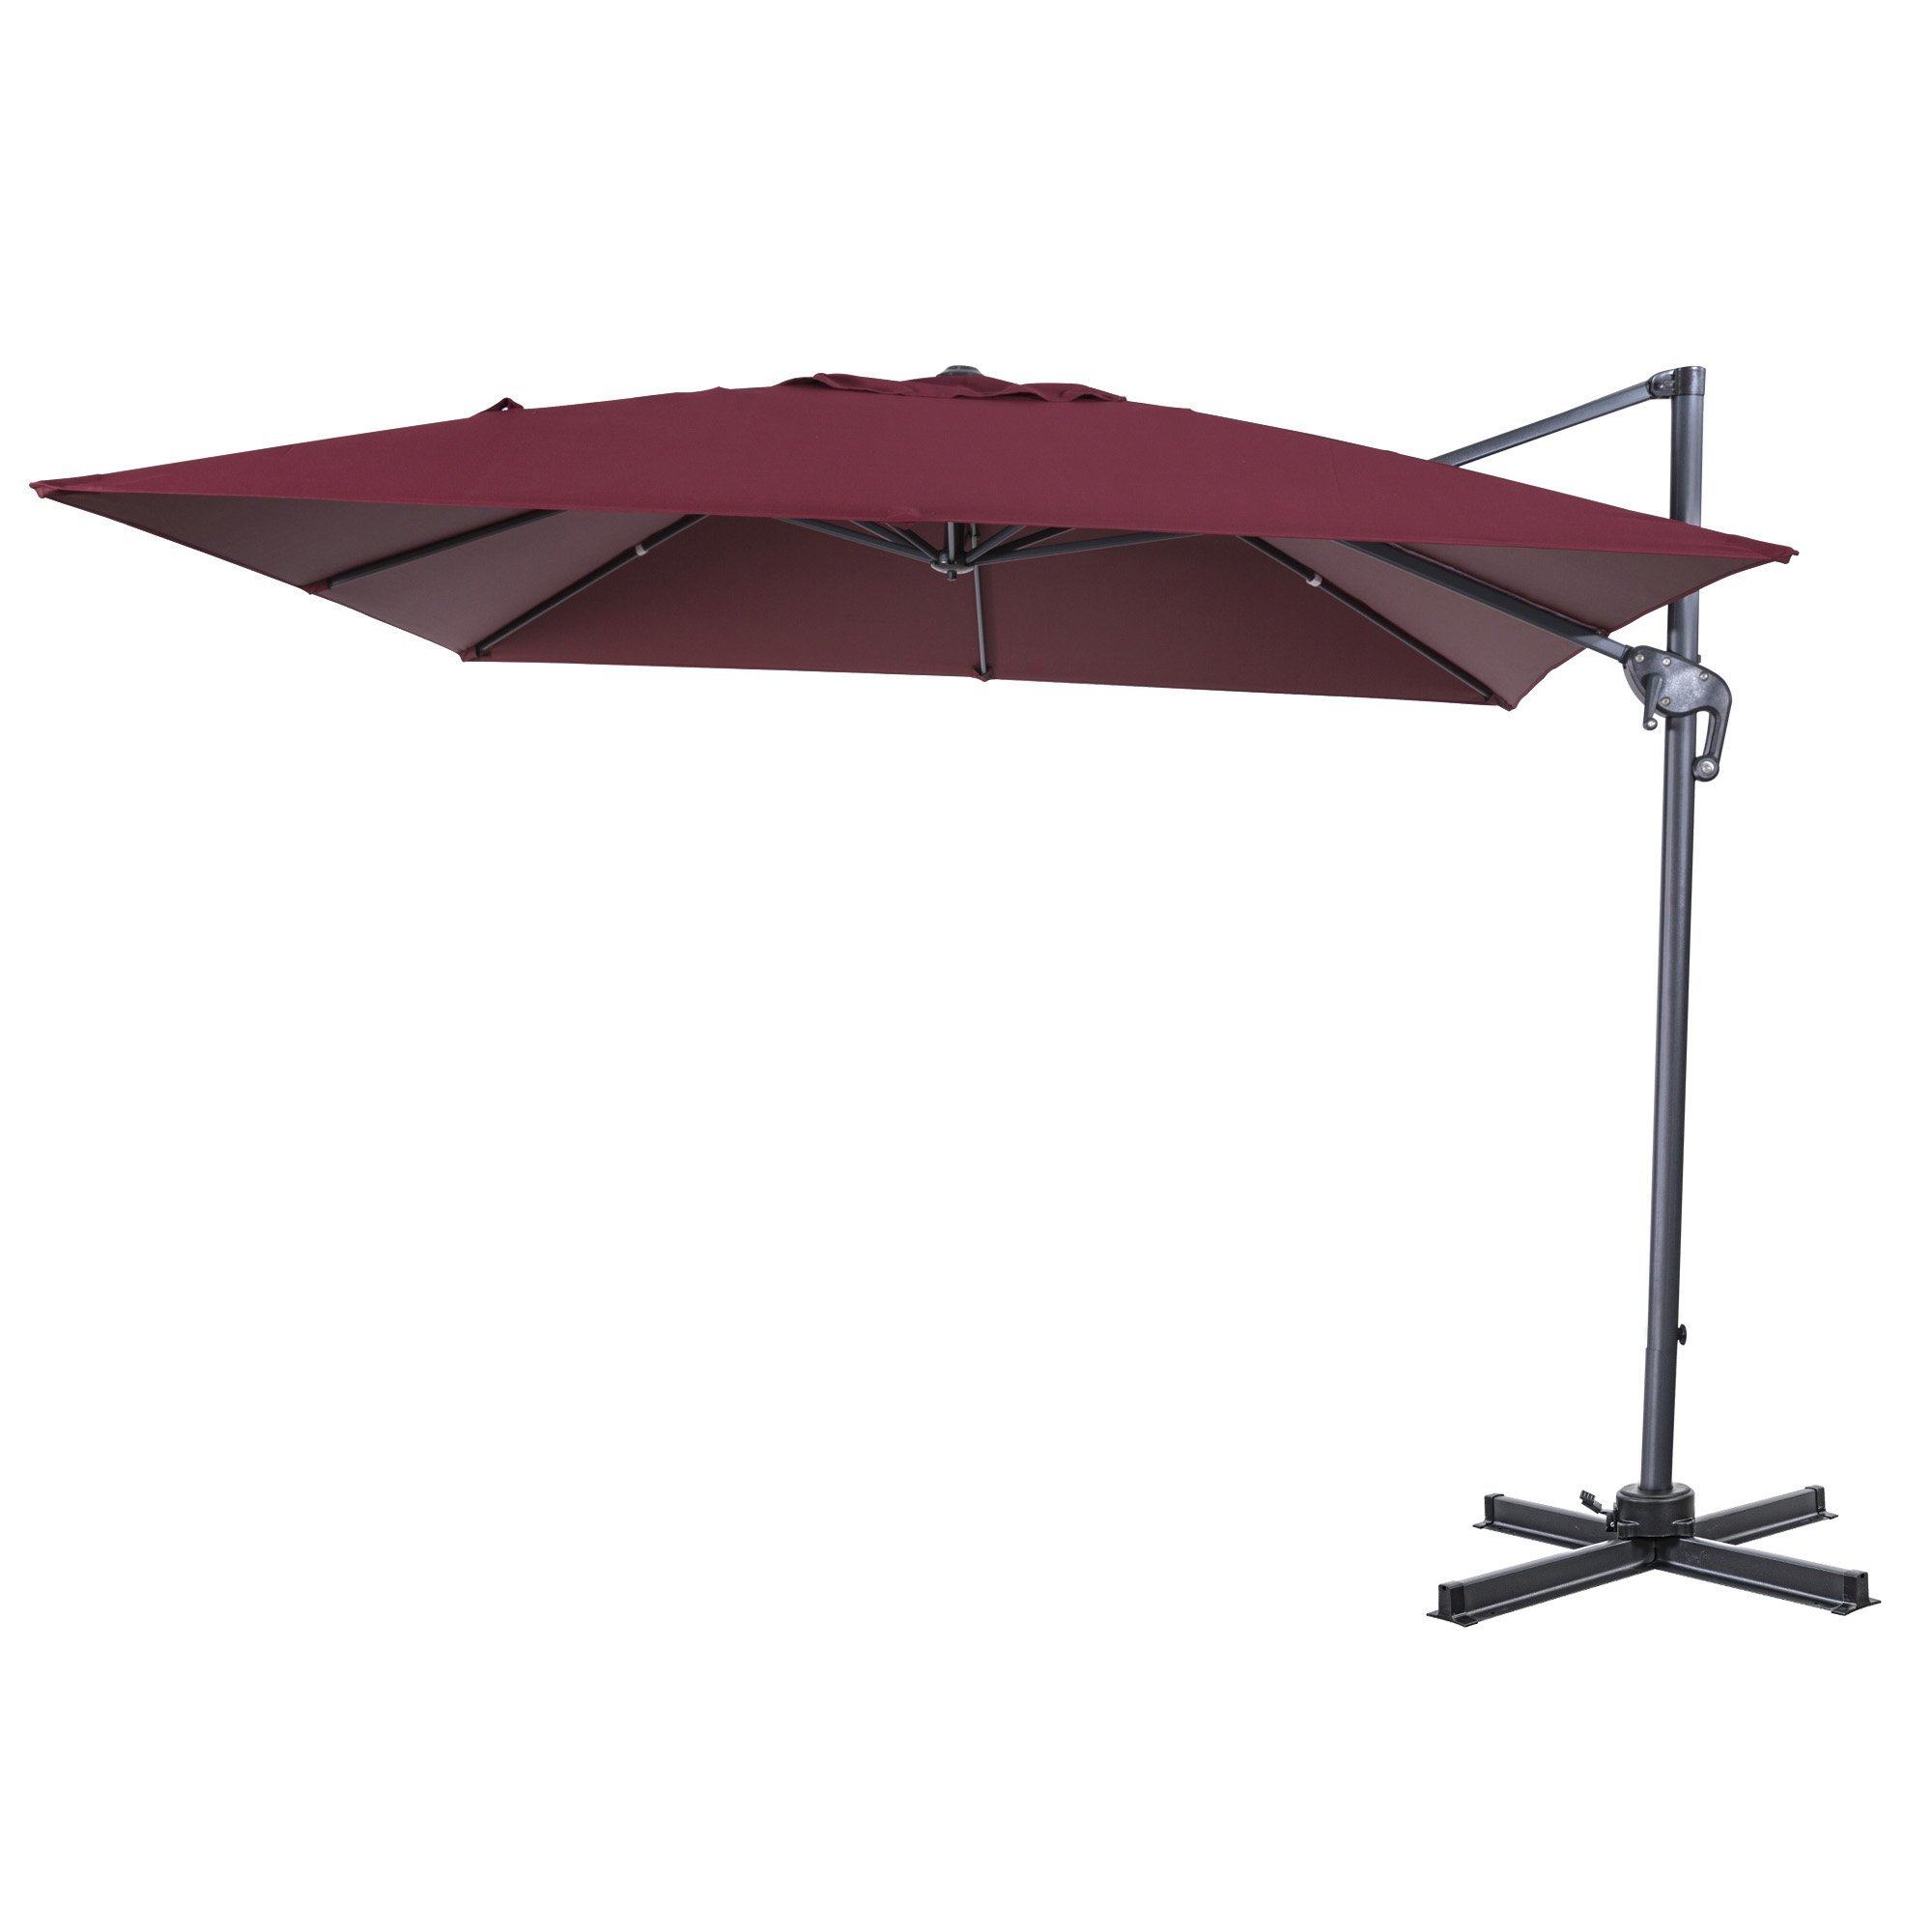 Elmhur Patio Offset 10' Cantilever Umbrella Within Preferred Booneville Cantilever Umbrellas (View 11 of 20)